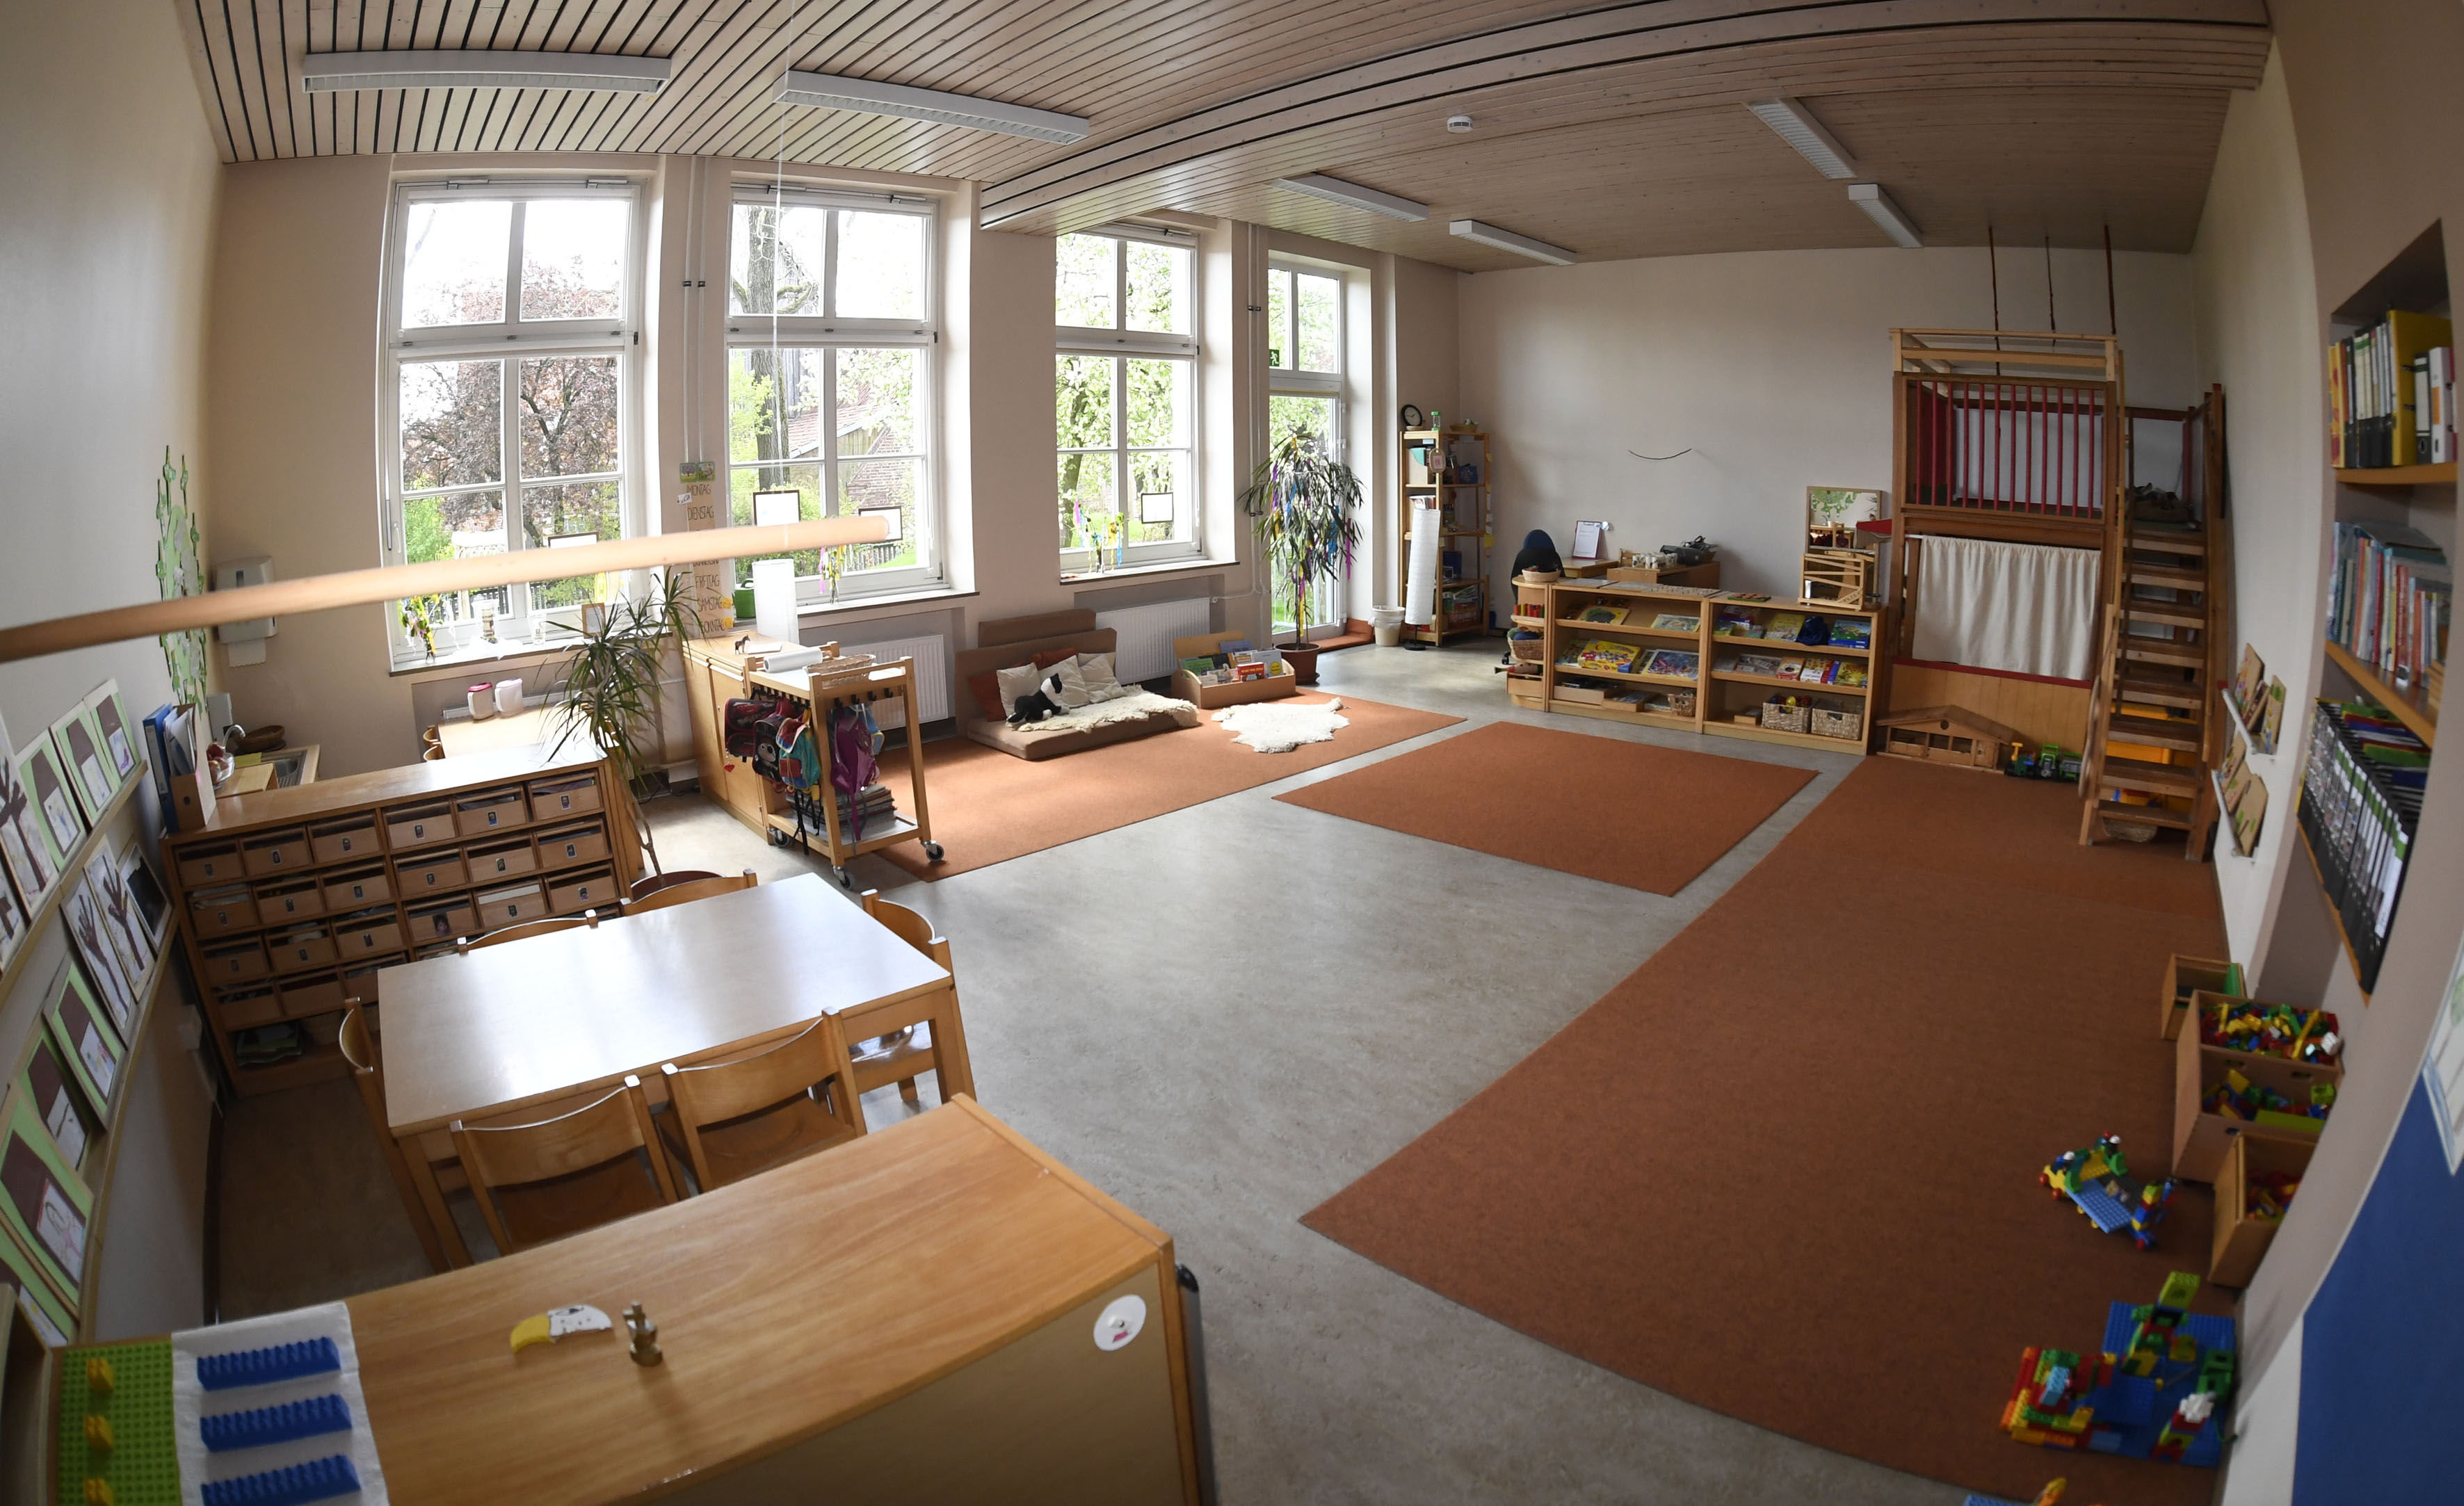 R ume und spielbereiche unsere kita kindergarten st for Raumgestaltung kita